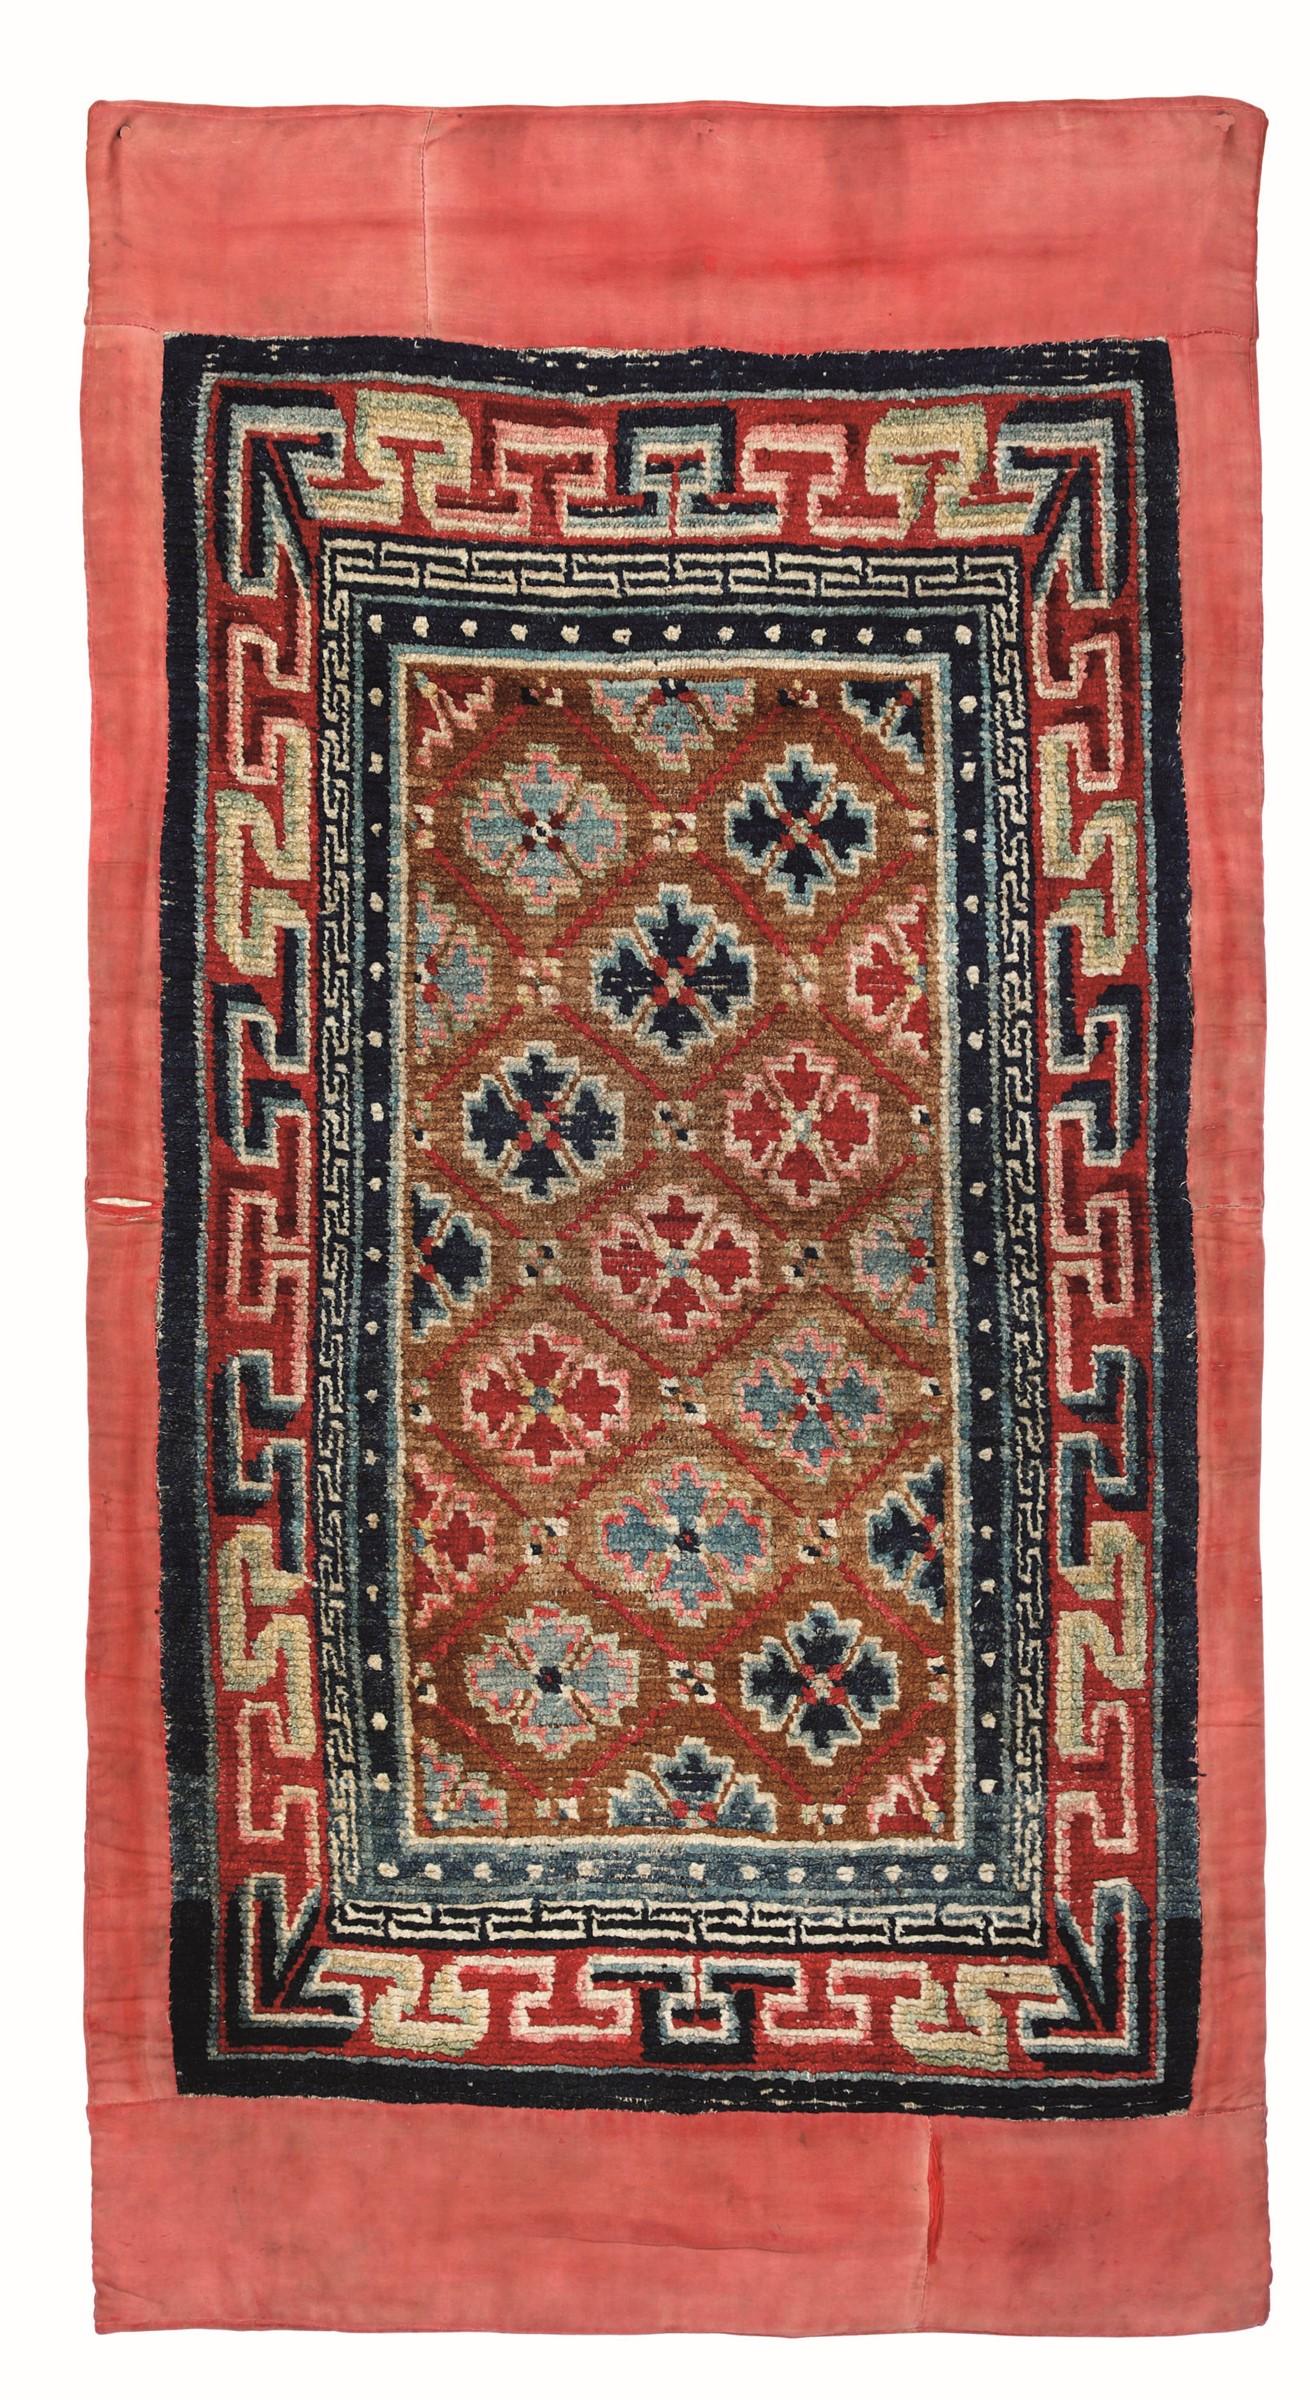 Tappeto Gyantse Khaden, Tibet inizio XX secolo, - tappeto da riposo con motivo a [...]